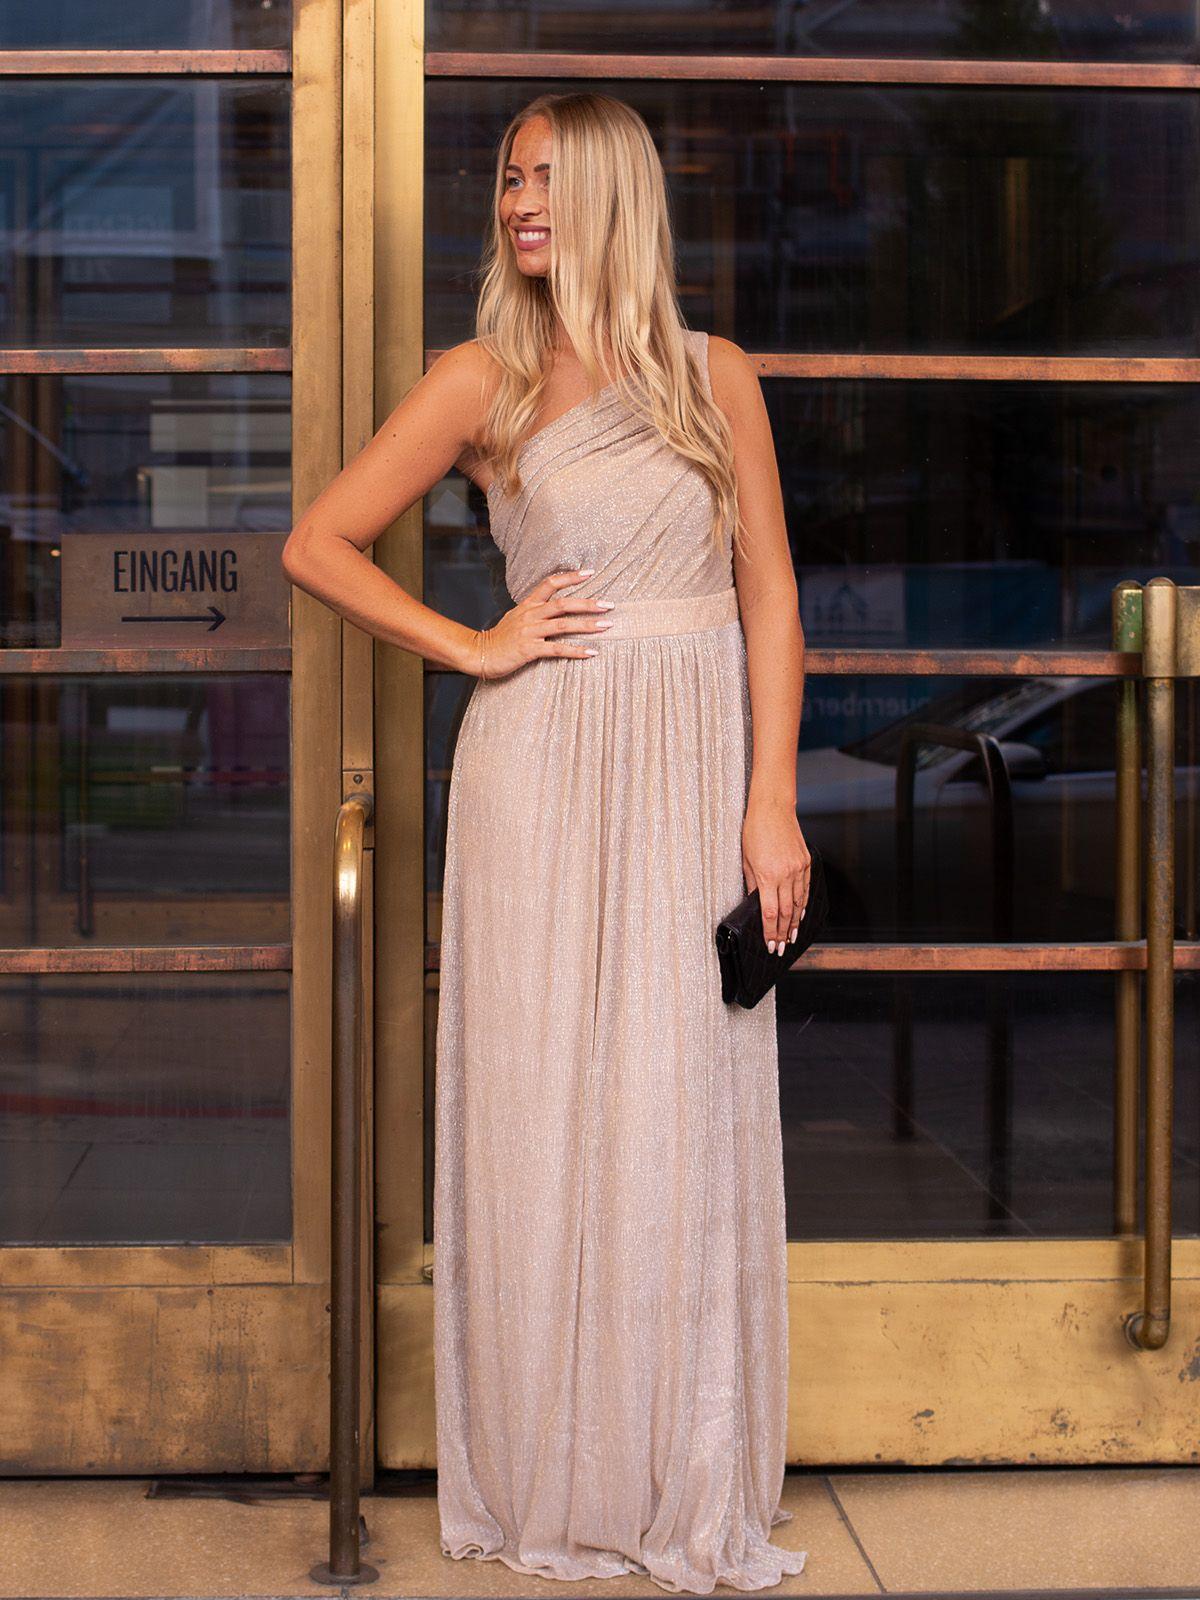 Das Abendkleid In Schimmerndem Mesh Ruft Regelrecht Lets Celebrate Die Schnittfuhrung Betont Gekonnt Die Taille Und Um Abendkleid Kleider Fliessende Kleider